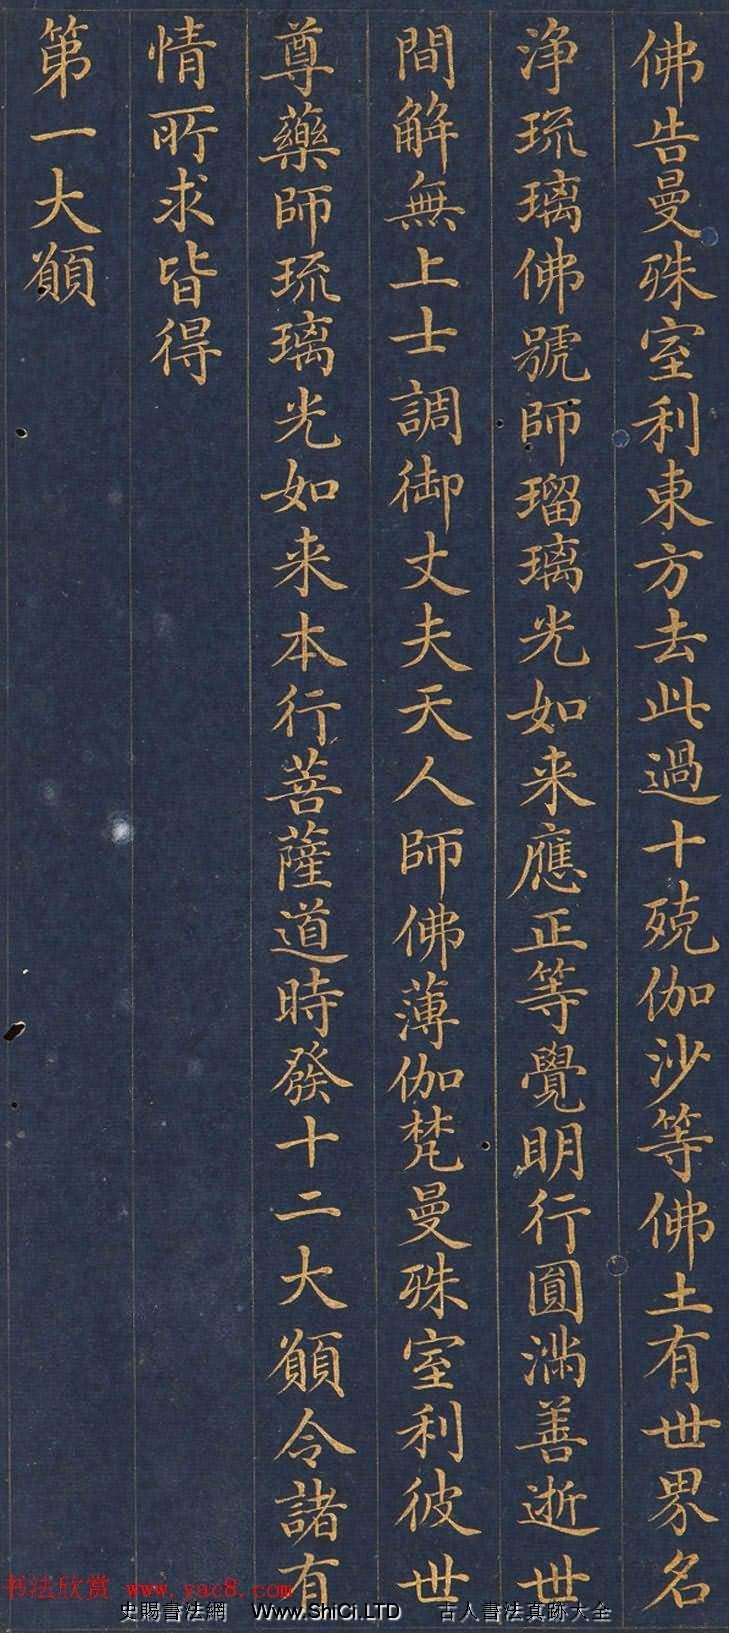 金粉楷書冊頁欣賞《藥師琉璃光如來本願功德經》